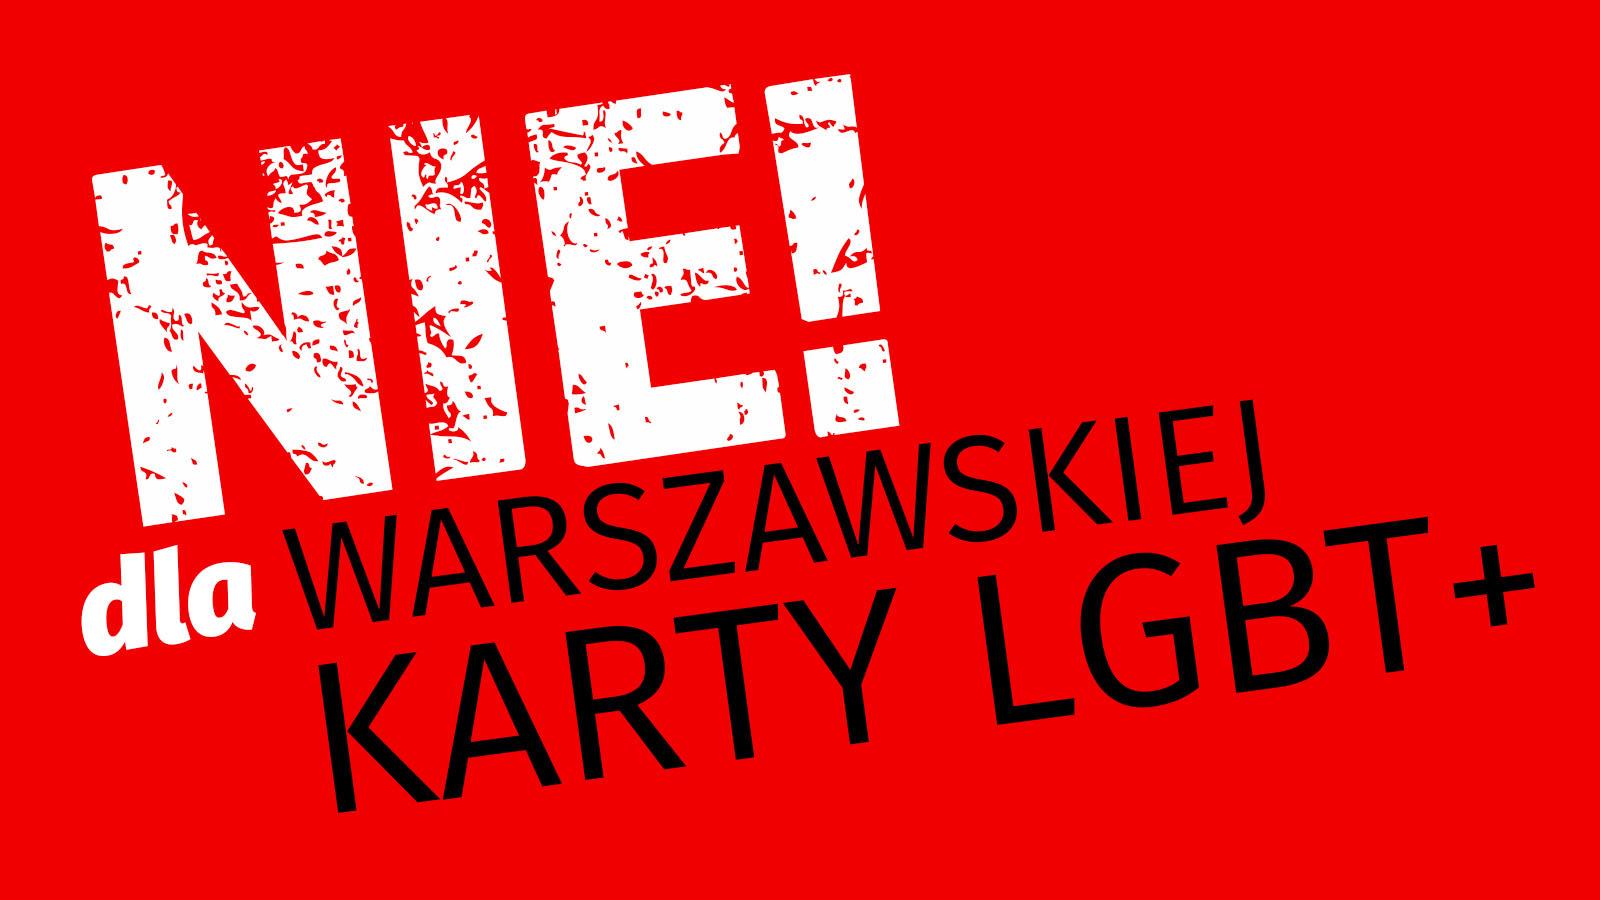 http://campaign-image.com/zohocampaigns/71353000016129008_zc_v26_logo.jpg